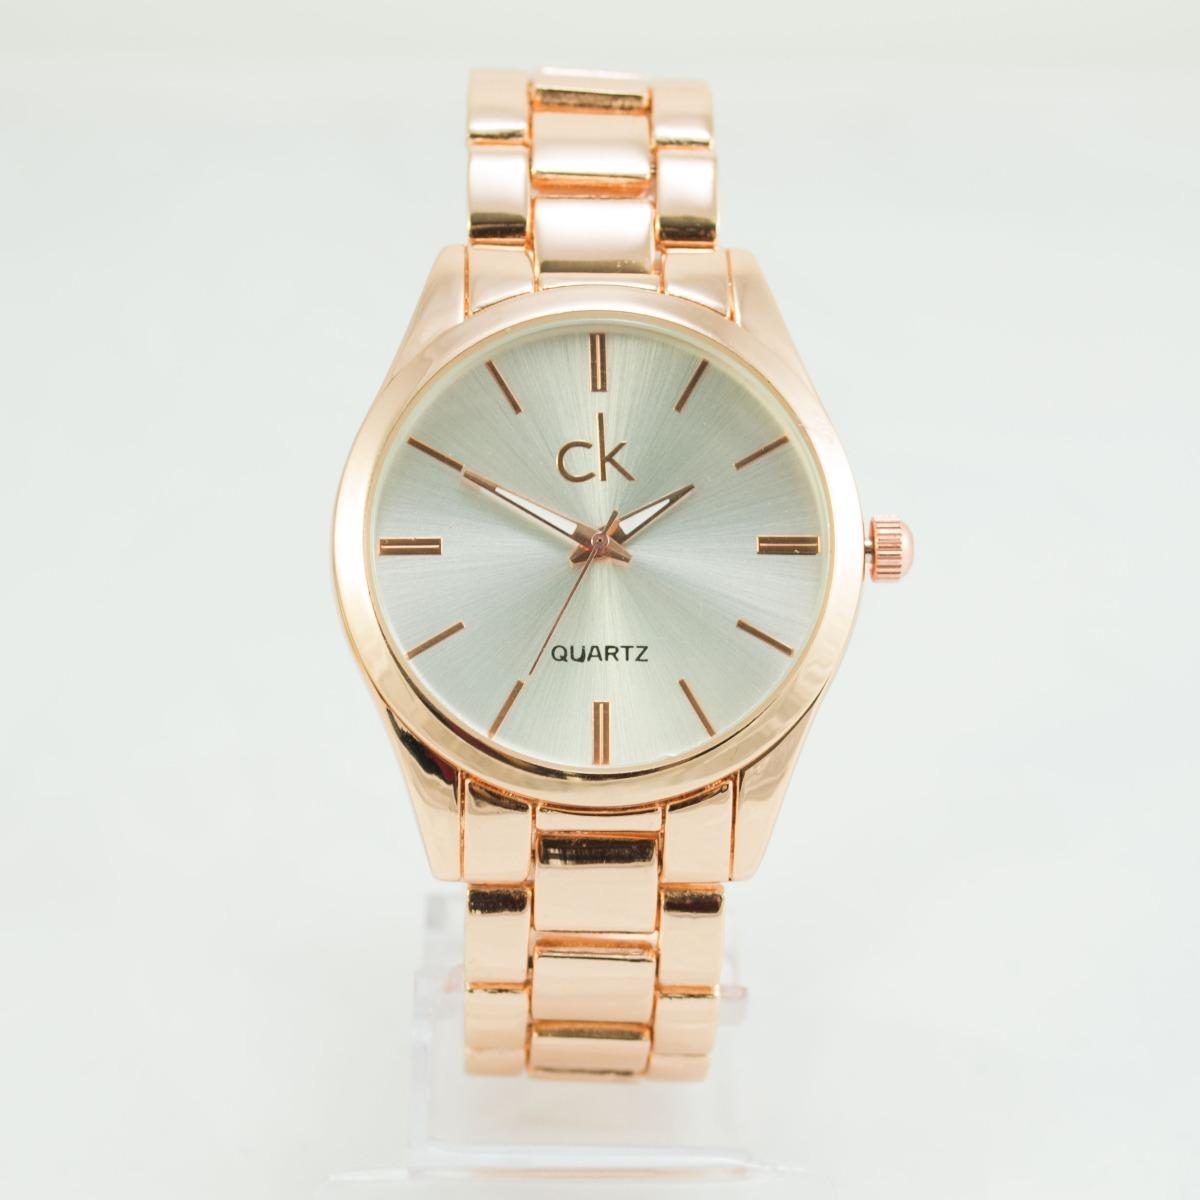 0ed242cced9 nome  relógio feminino ck luxo - original gênero  unissex in. Carregando  zoom.